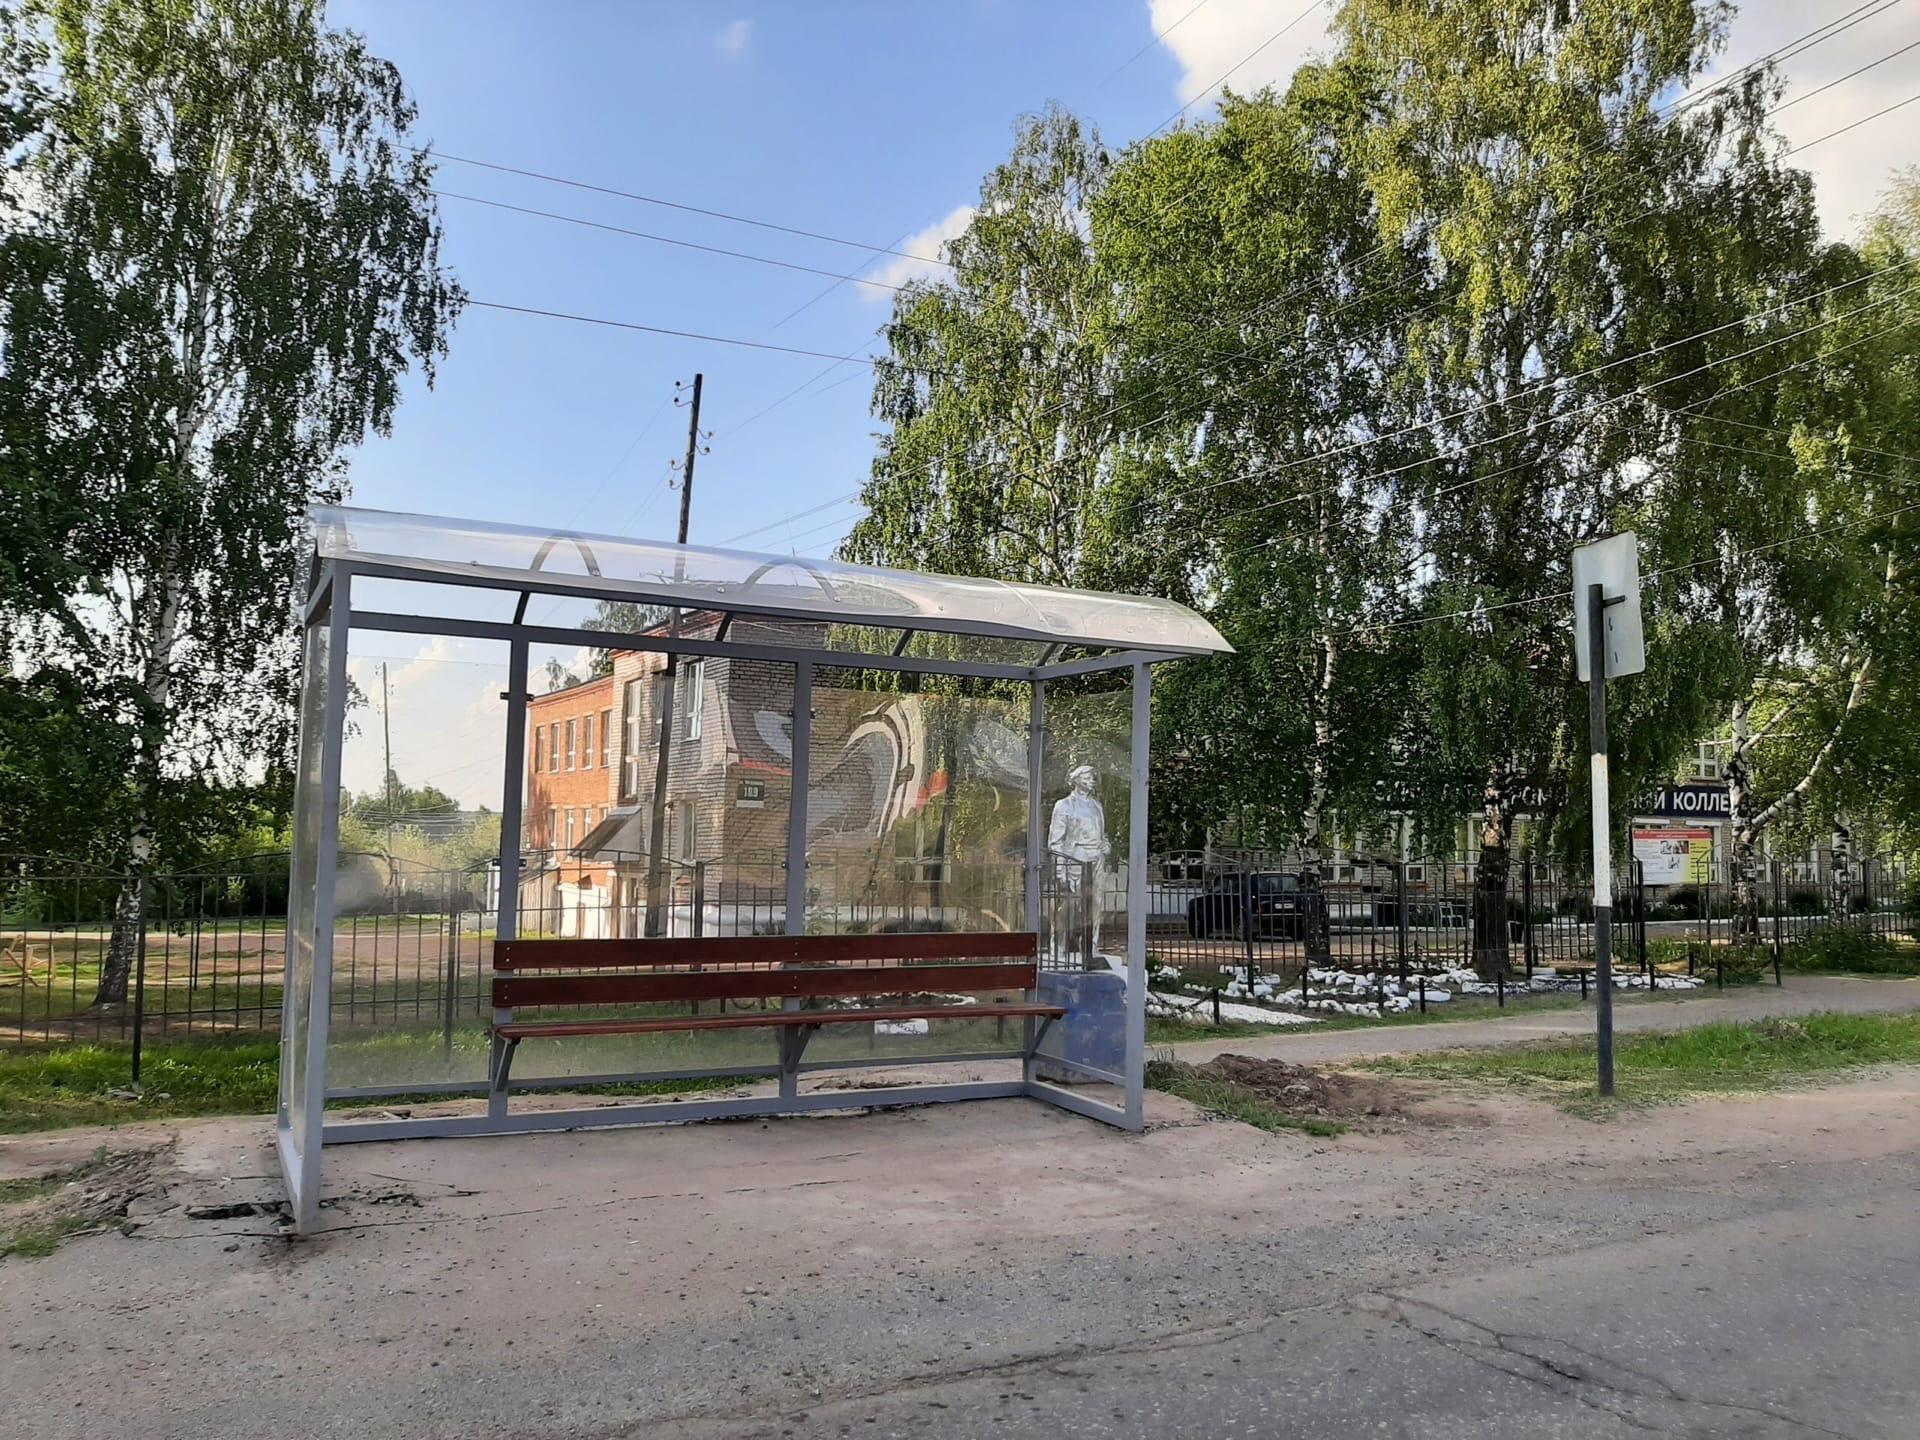 Напротив ледового дворца появилась новая остановка (старую